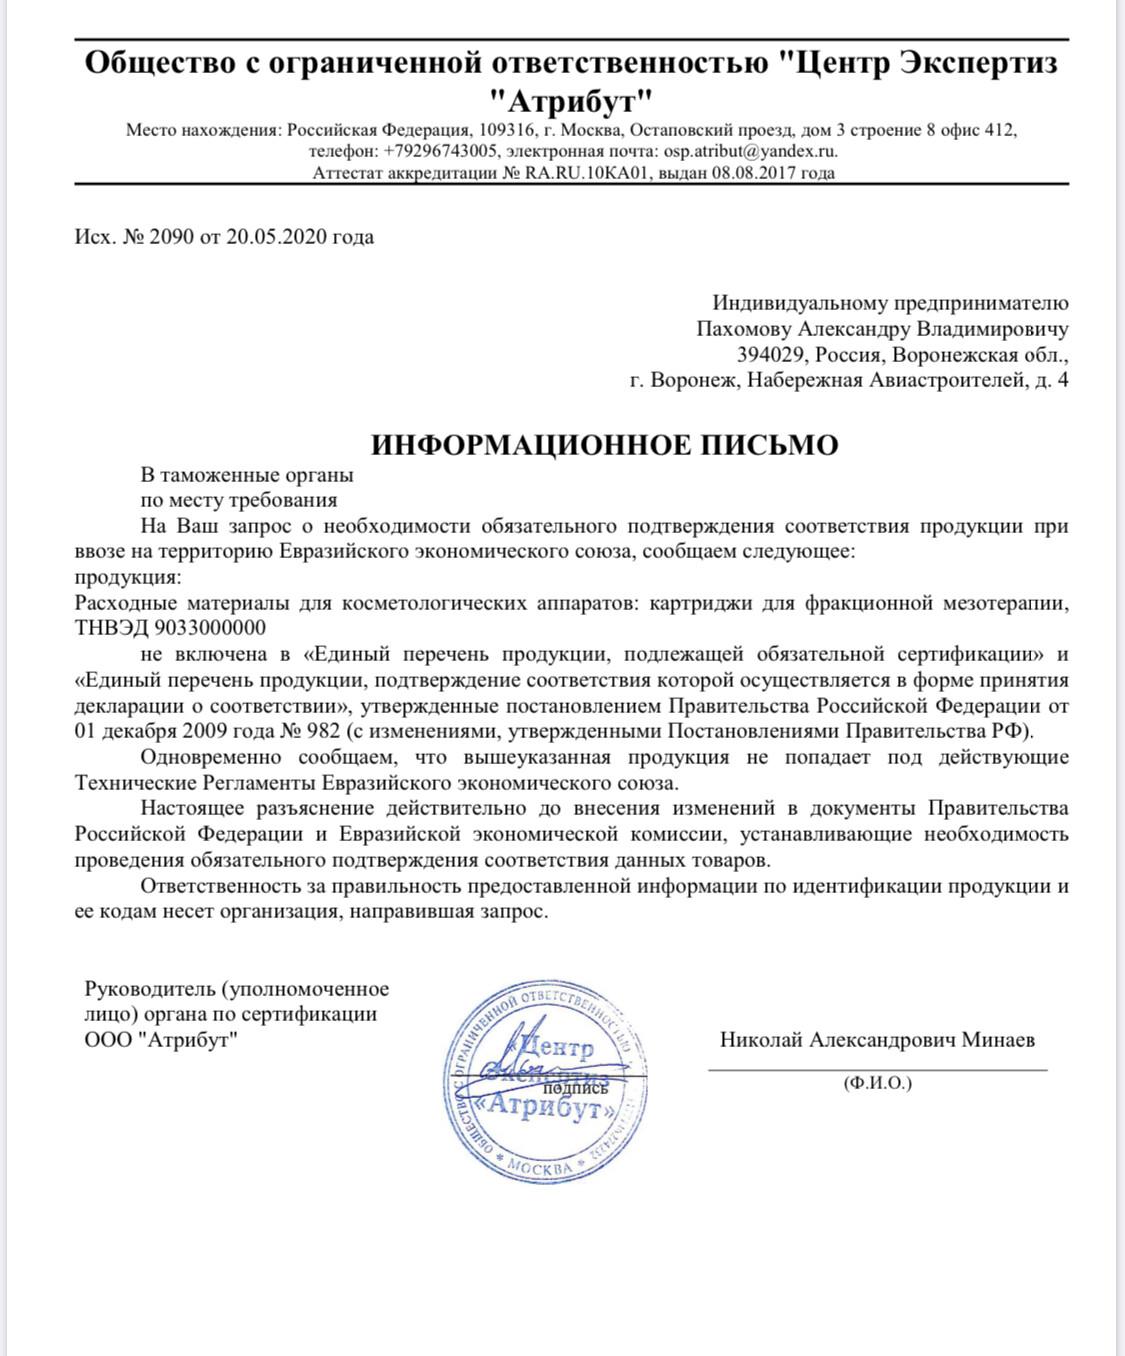 сертификат на картриджи